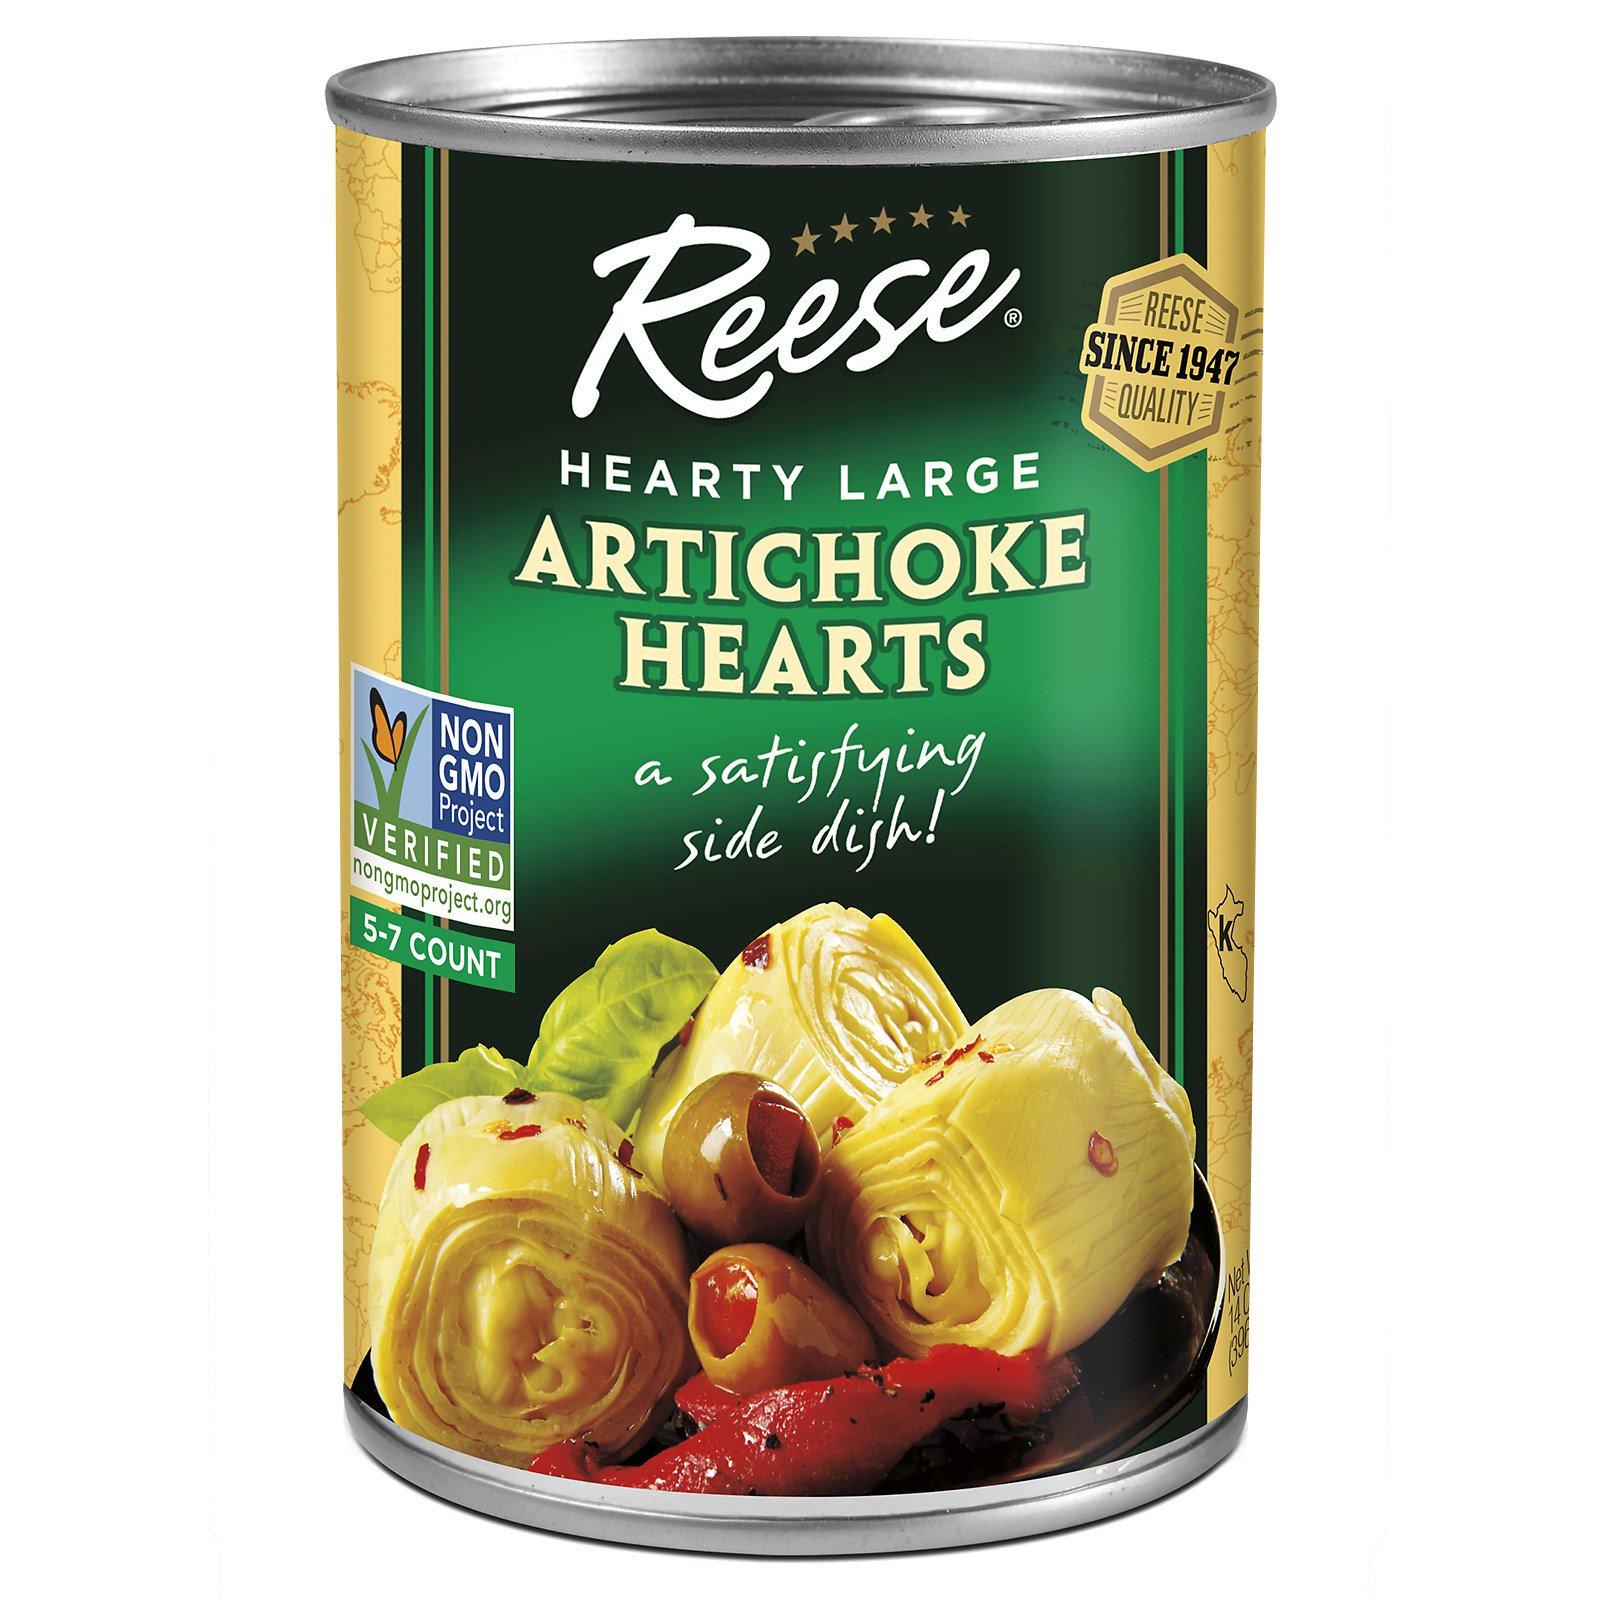 Reese, Артишоки, 5-7 большой размер, 14 унций (396 г)